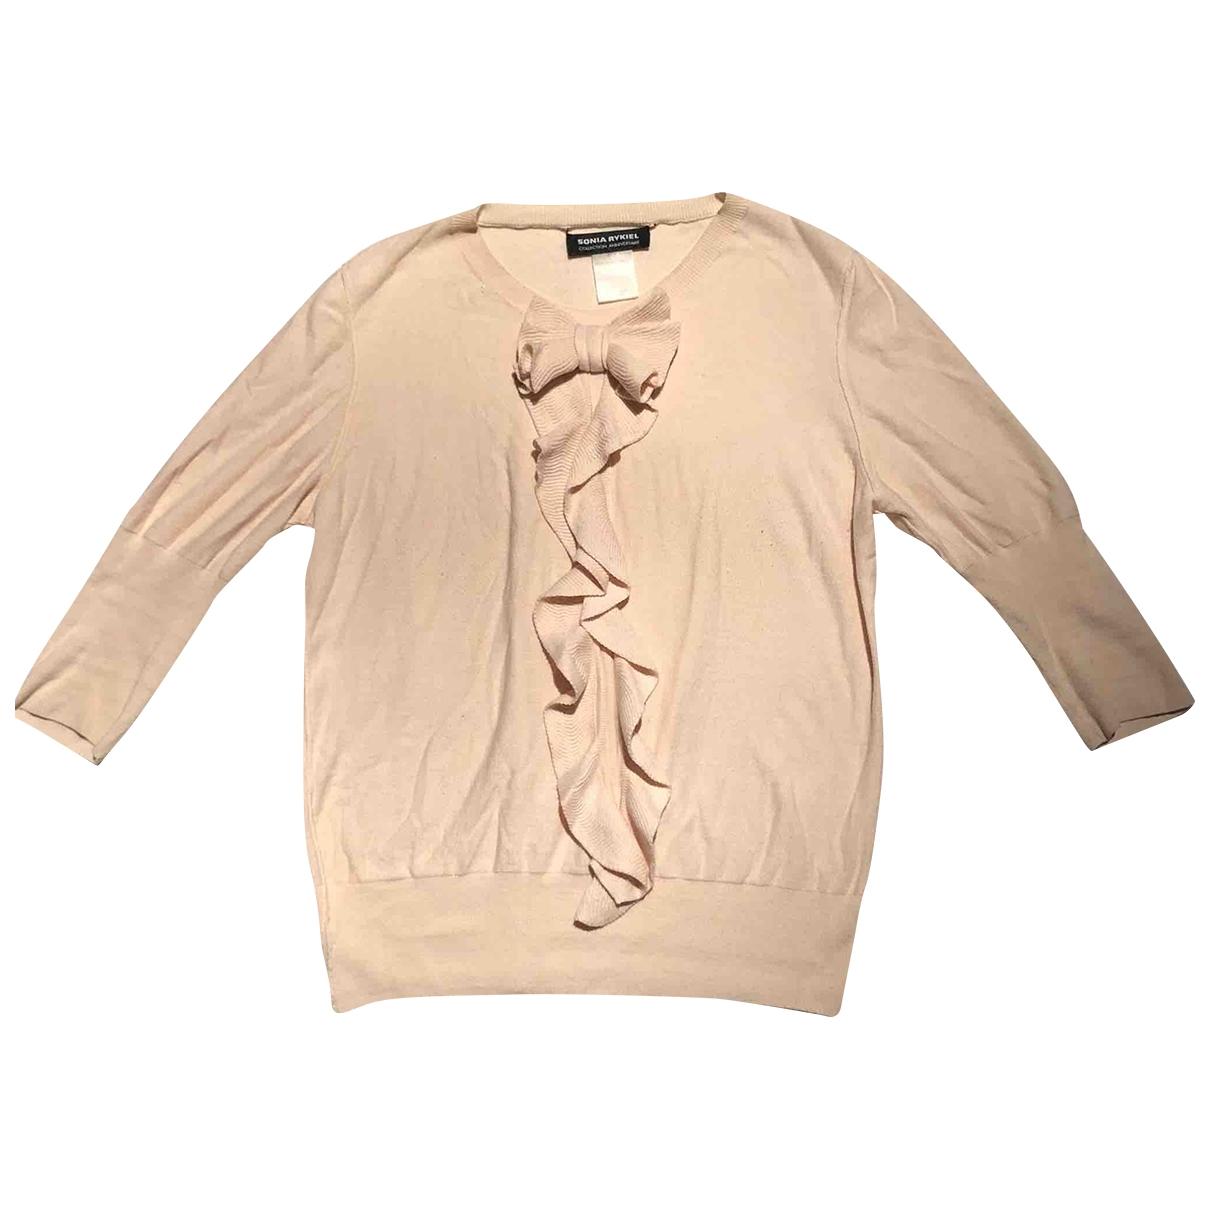 Sonia Rykiel - Pull   pour femme en coton - rose